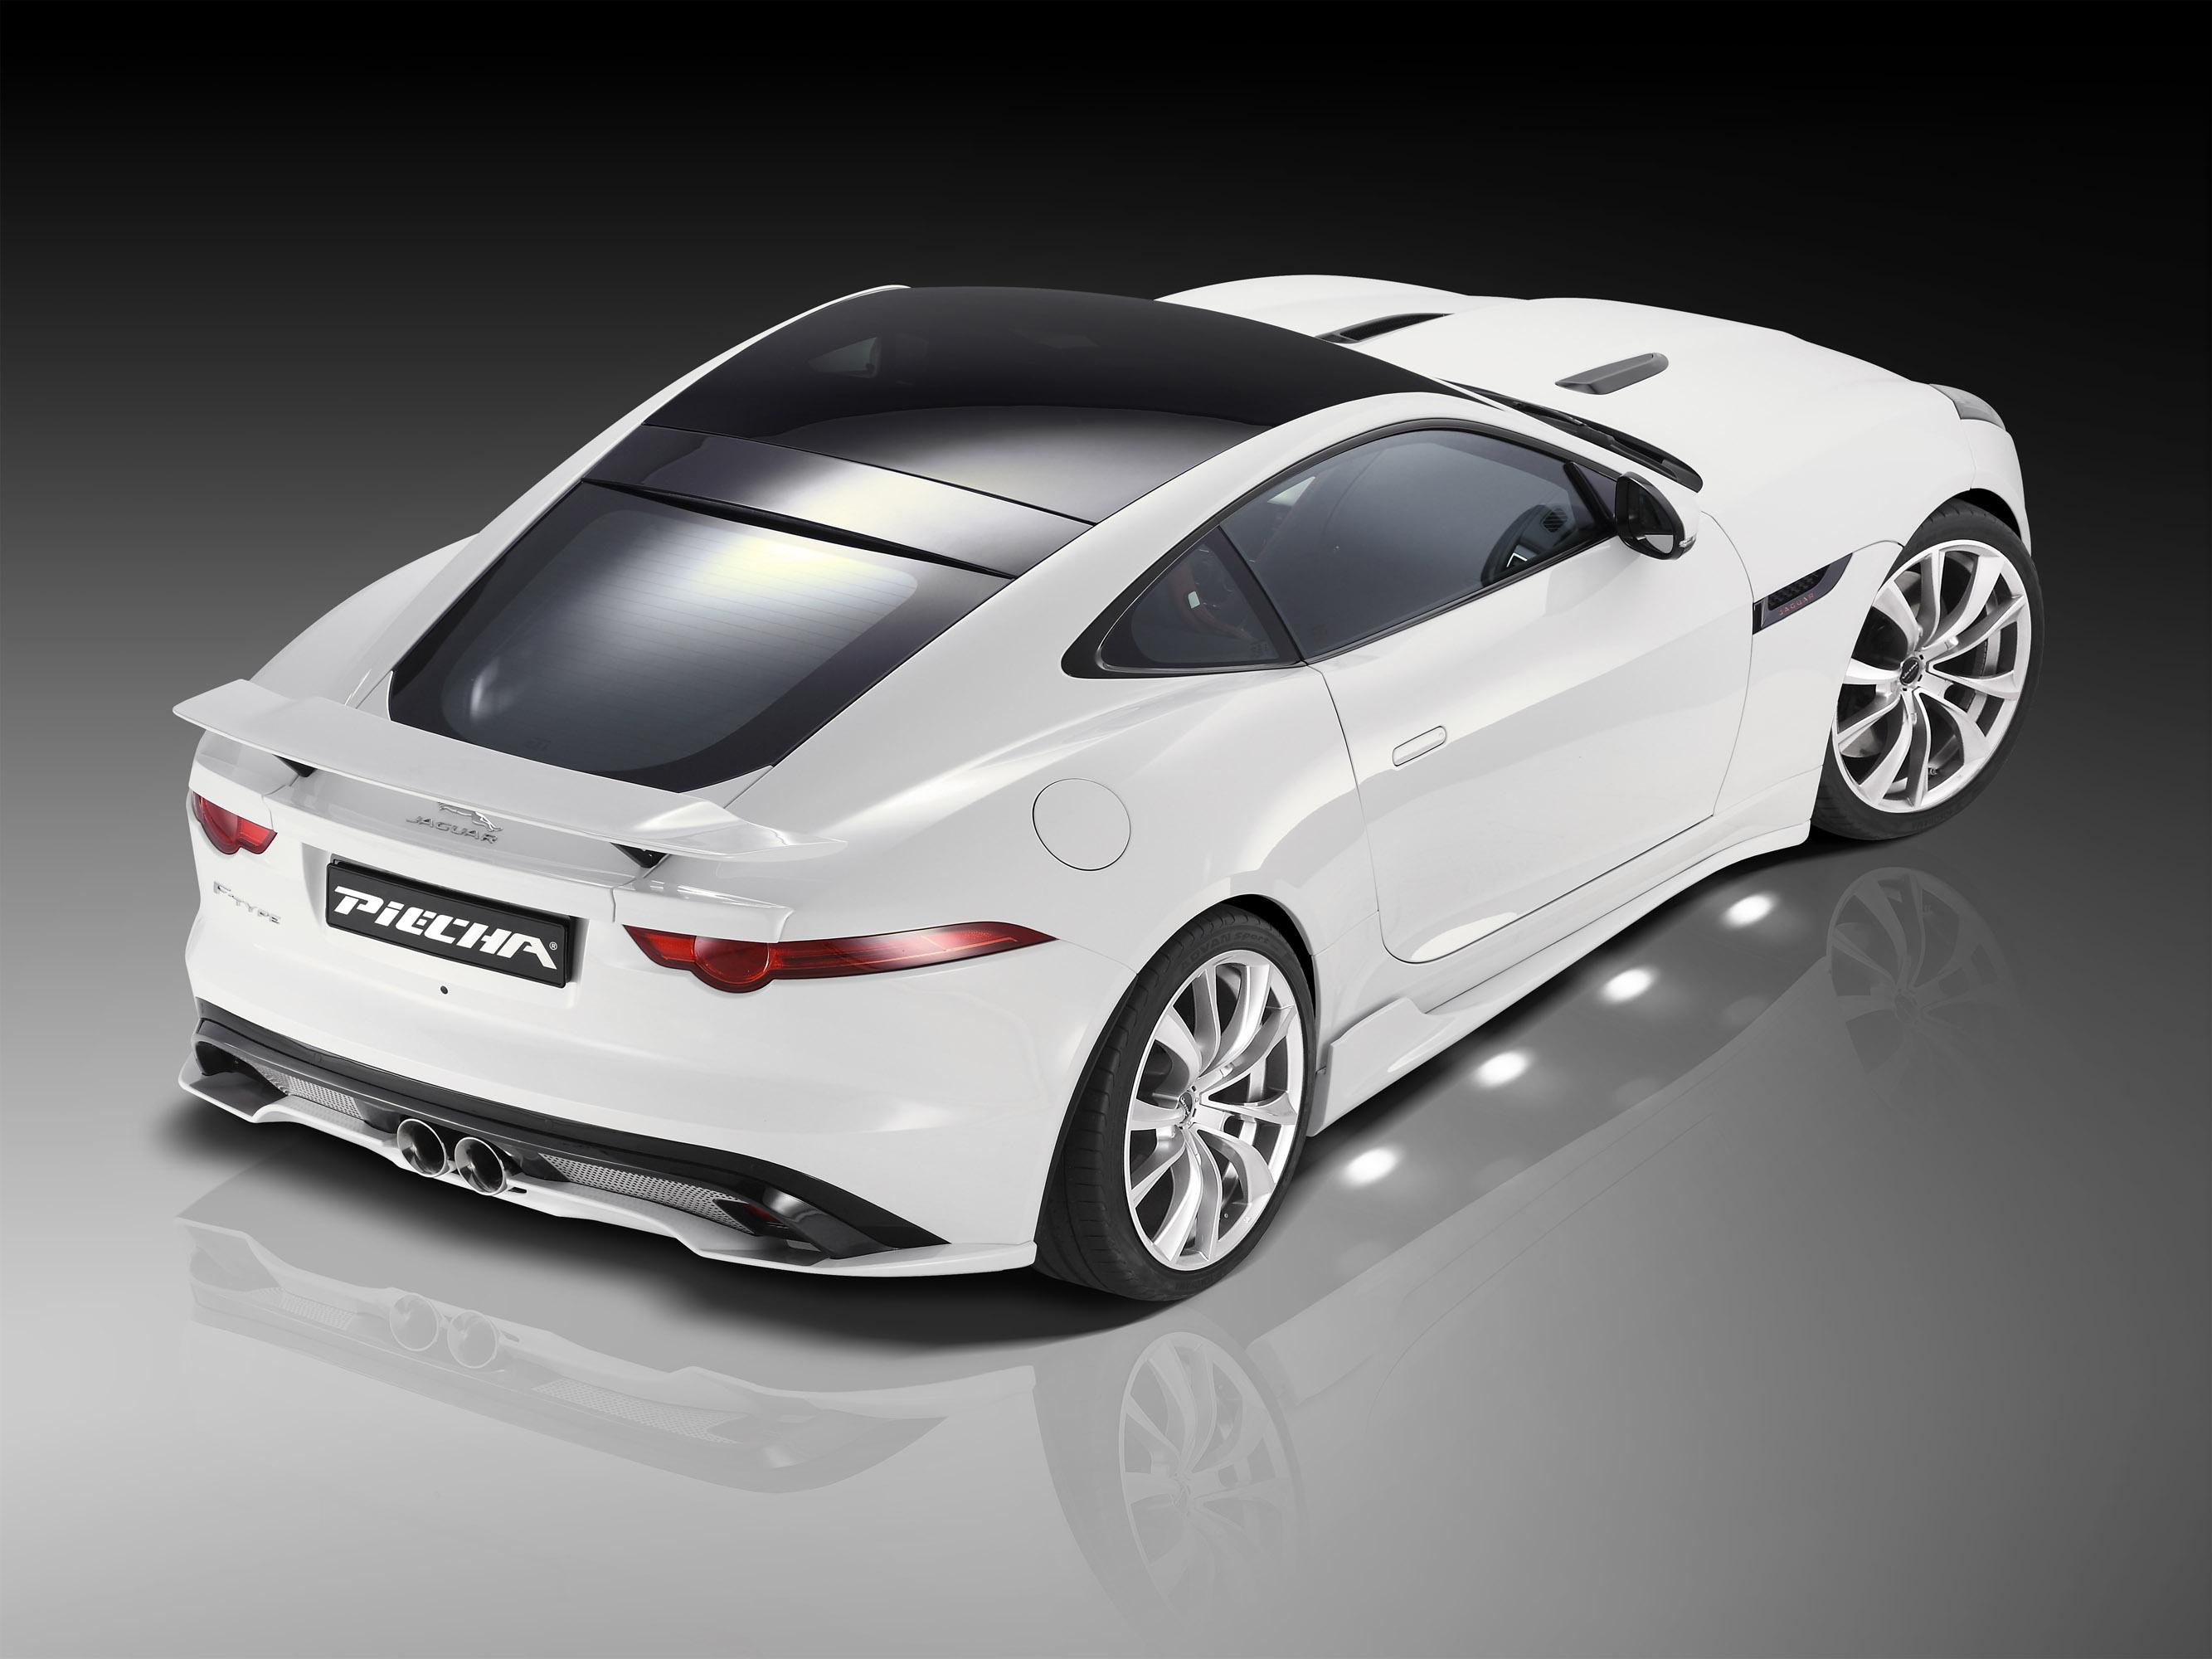 Jaguar F Type Convertible >> 2015 Piecha Design Jaguar F-Type V6 Coupe - HD Pictures ...